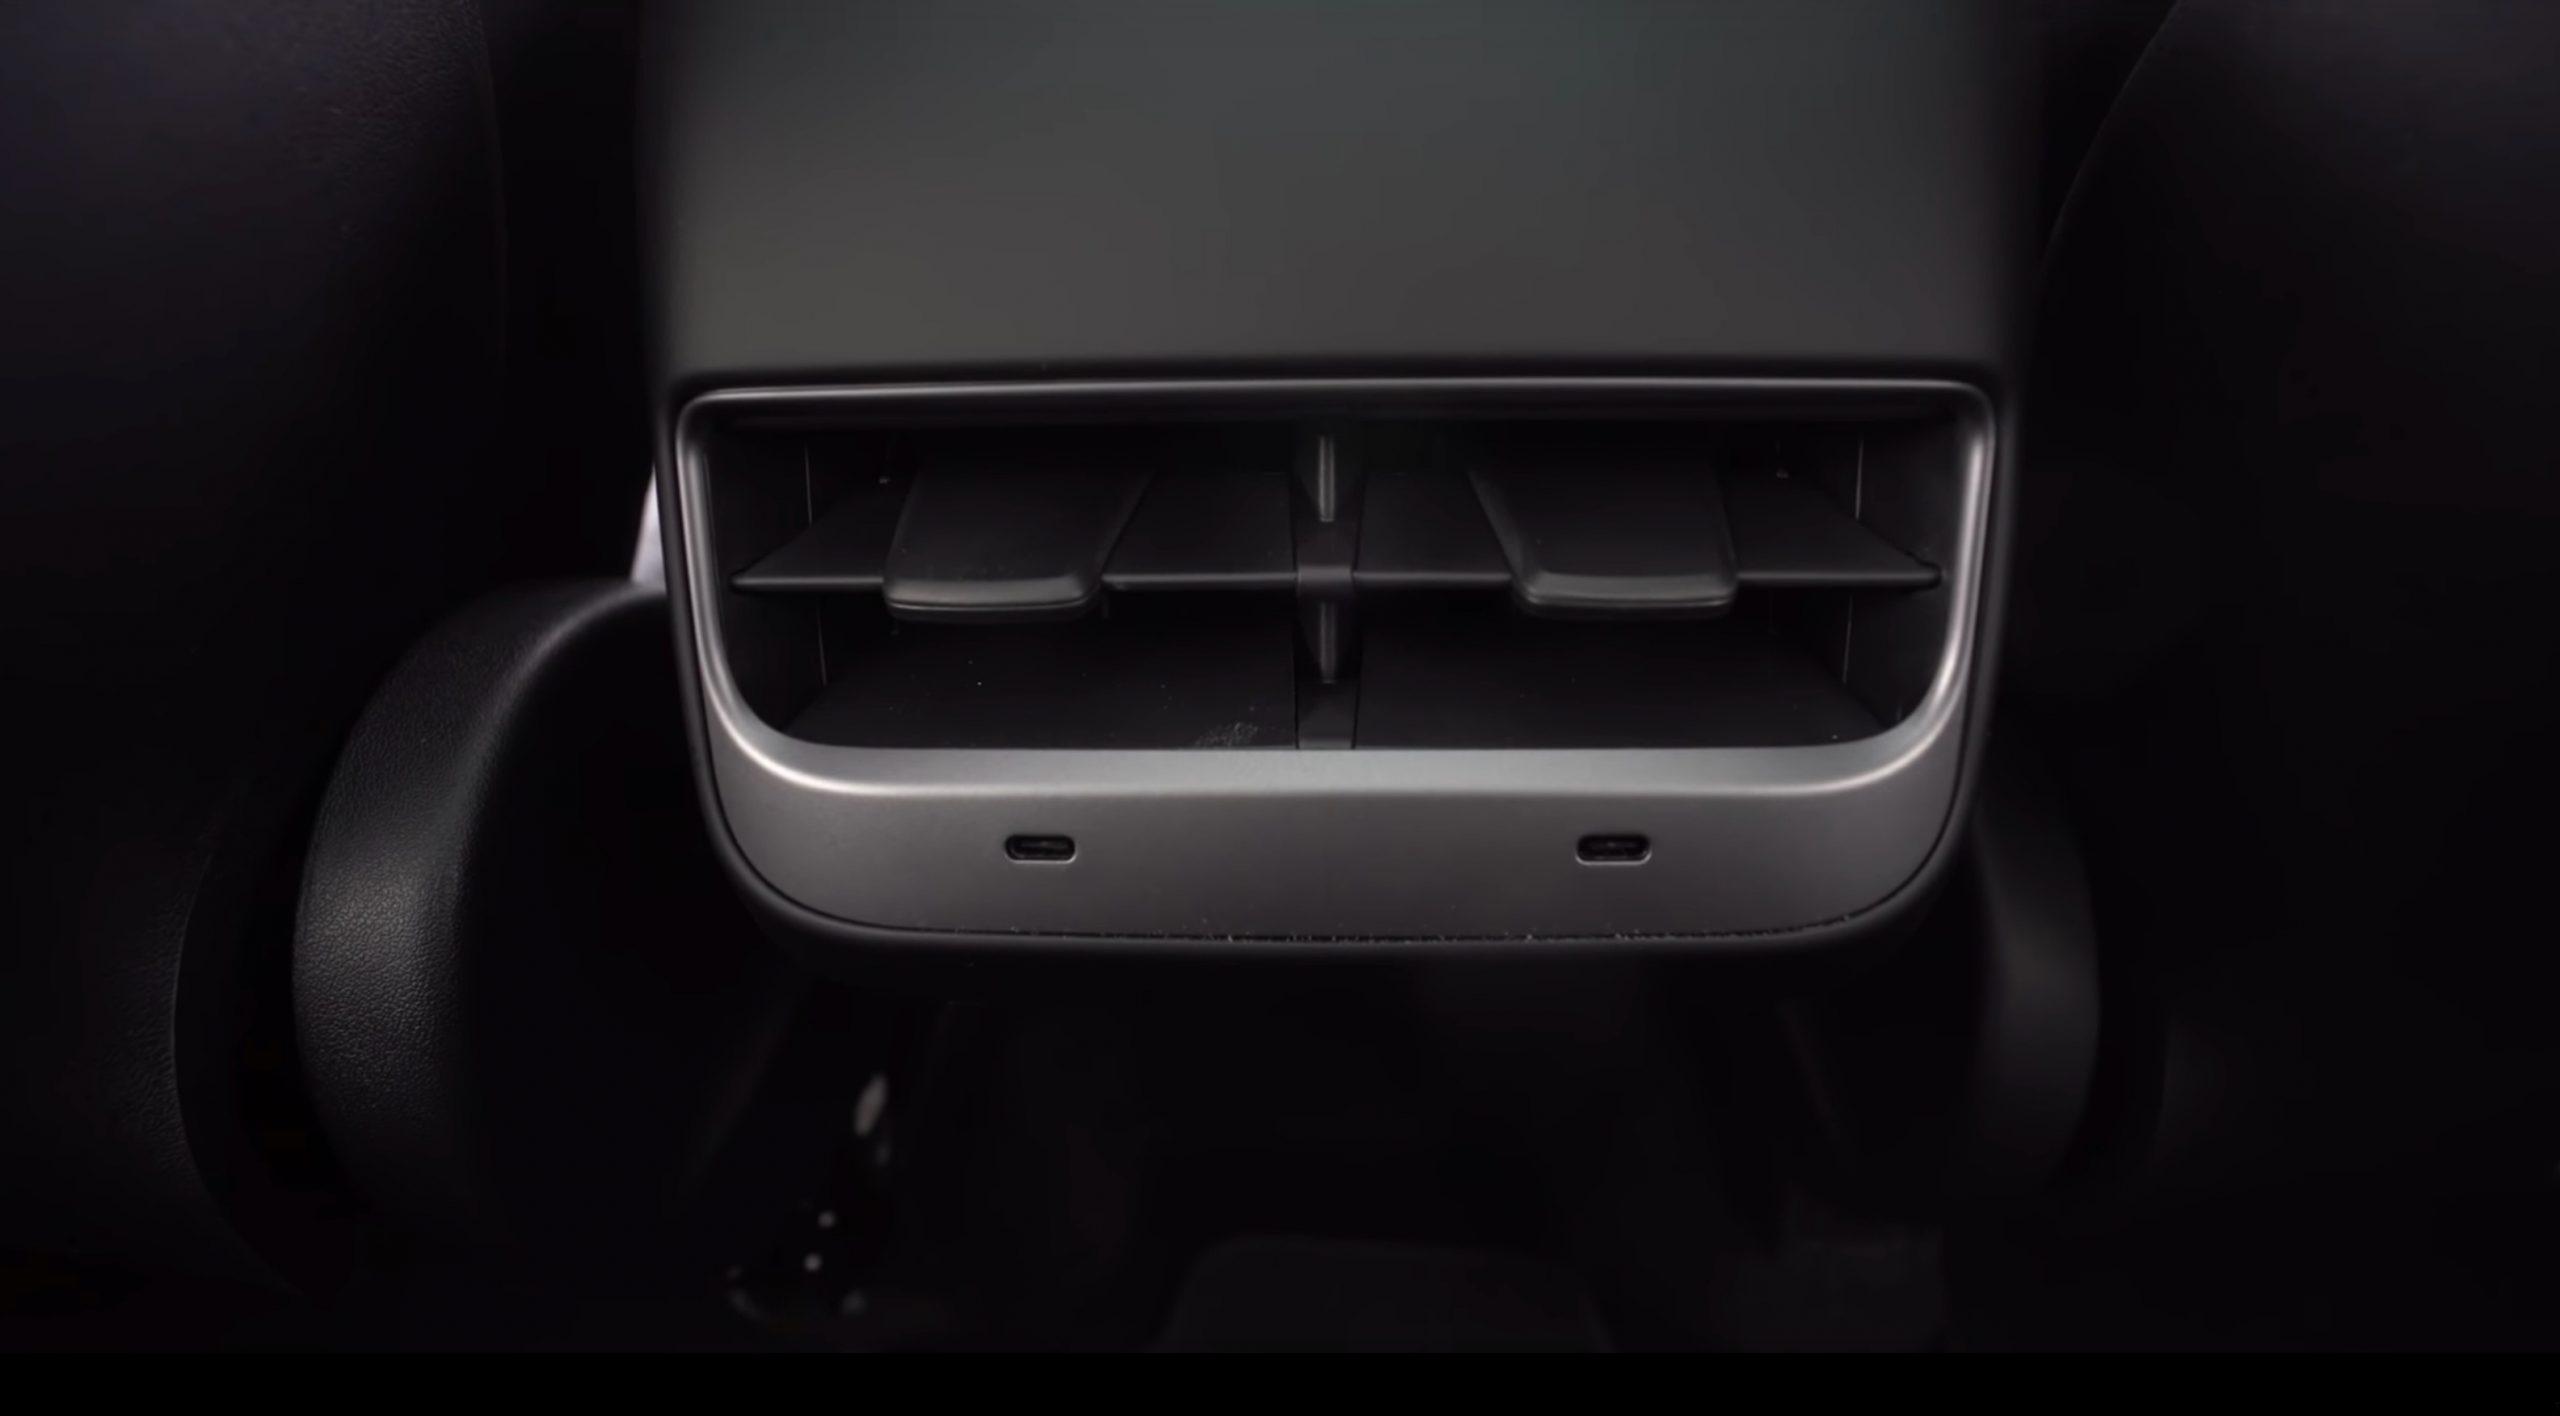 Tesla Model Y rear USB ports